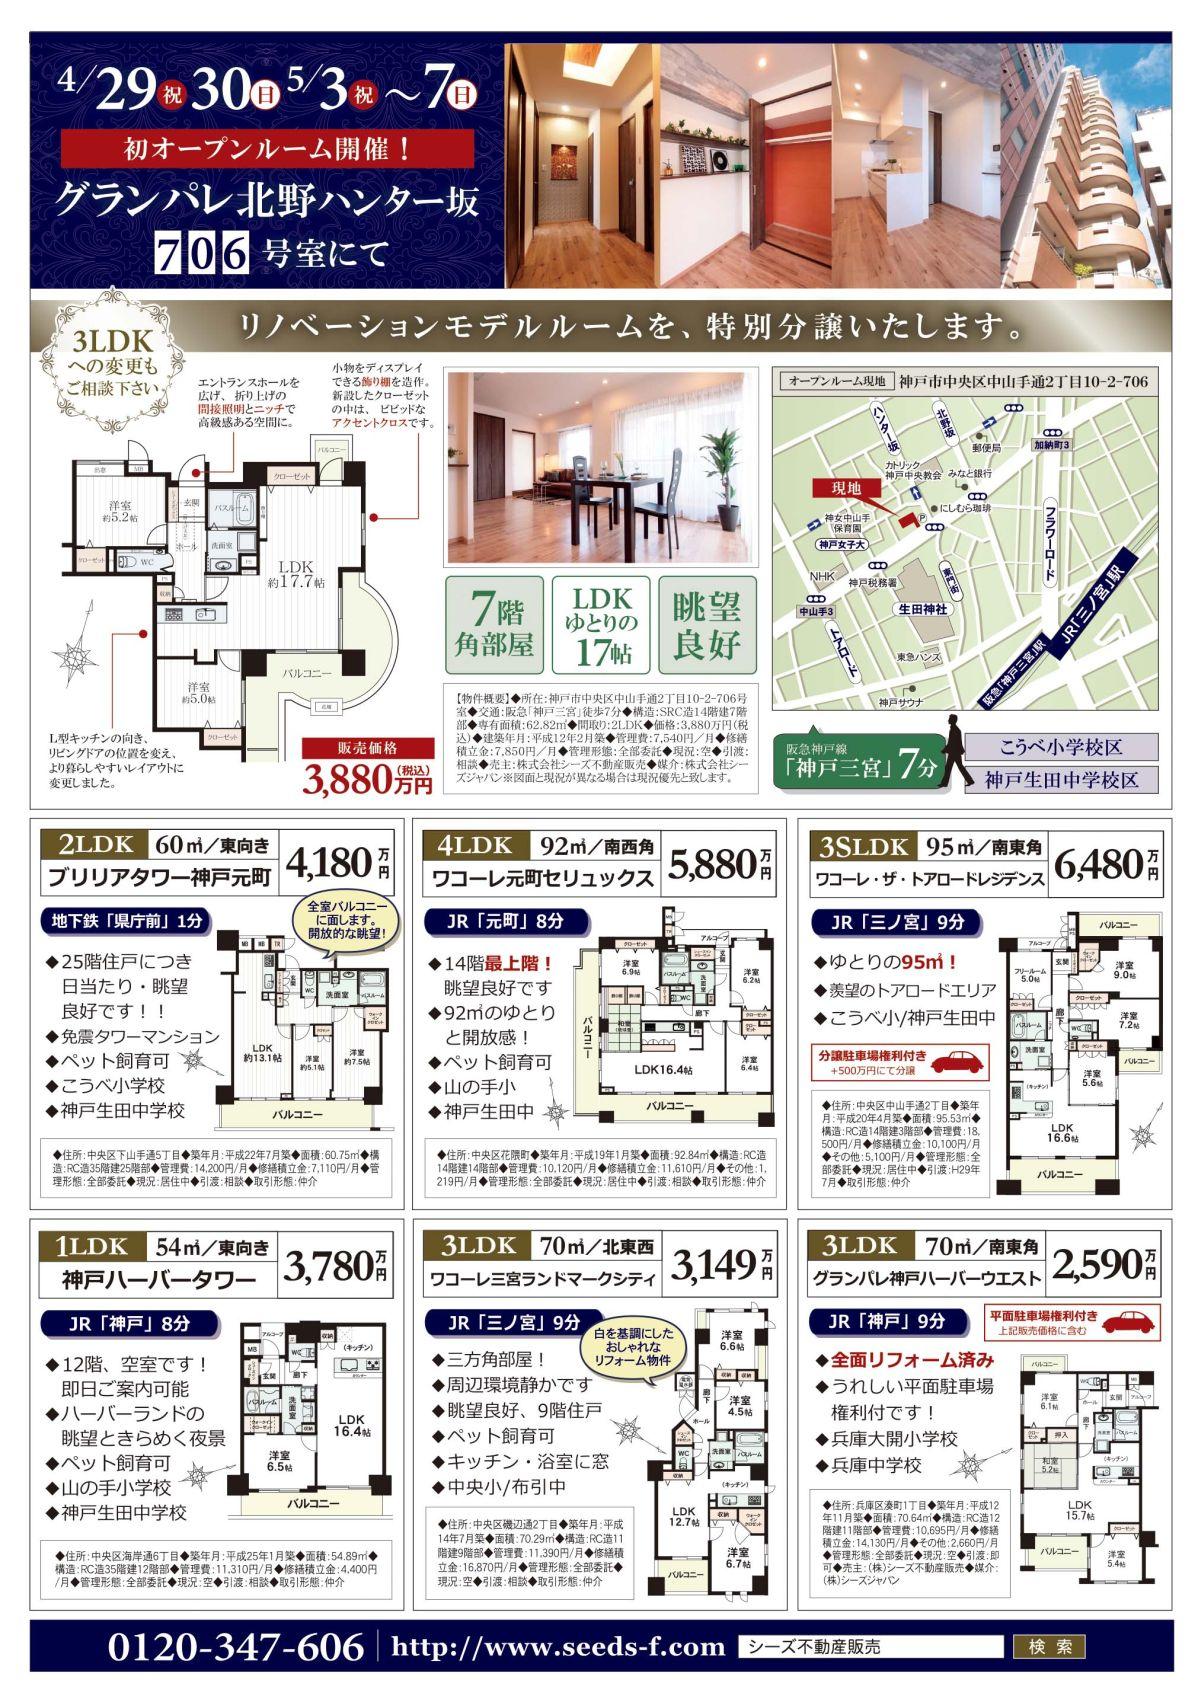 4月29日中央区折込ウラ(ハンター坂OH+MS6物件